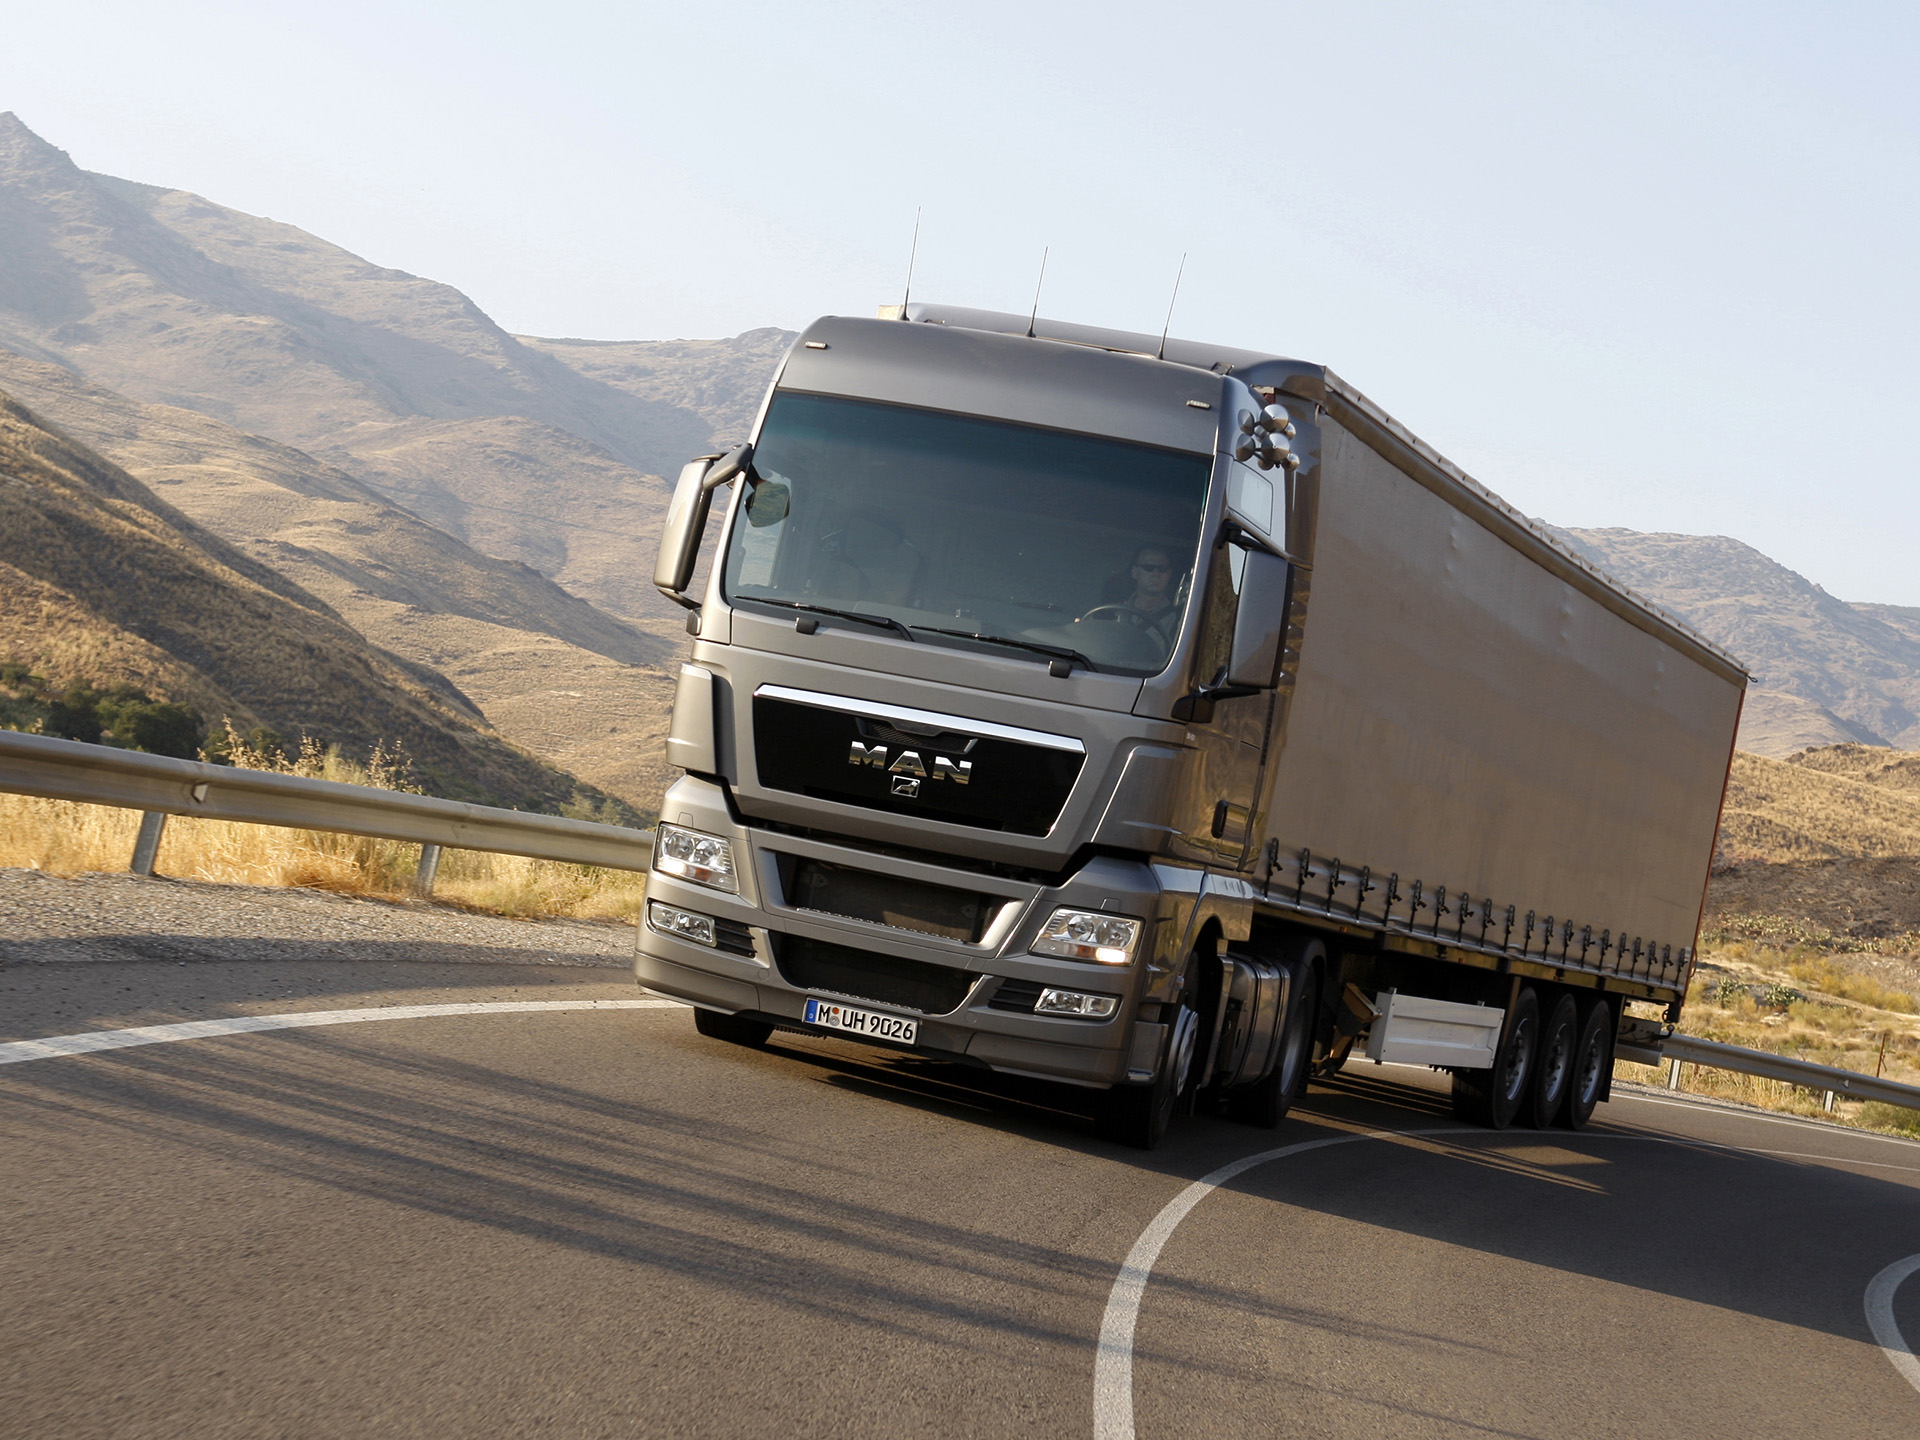 2018թ.-ից սկզբից բեռնատարերի համար տարեկան 120 - 480 հազար դրամ նոր ճանապարհային հարկ է սահմանվել